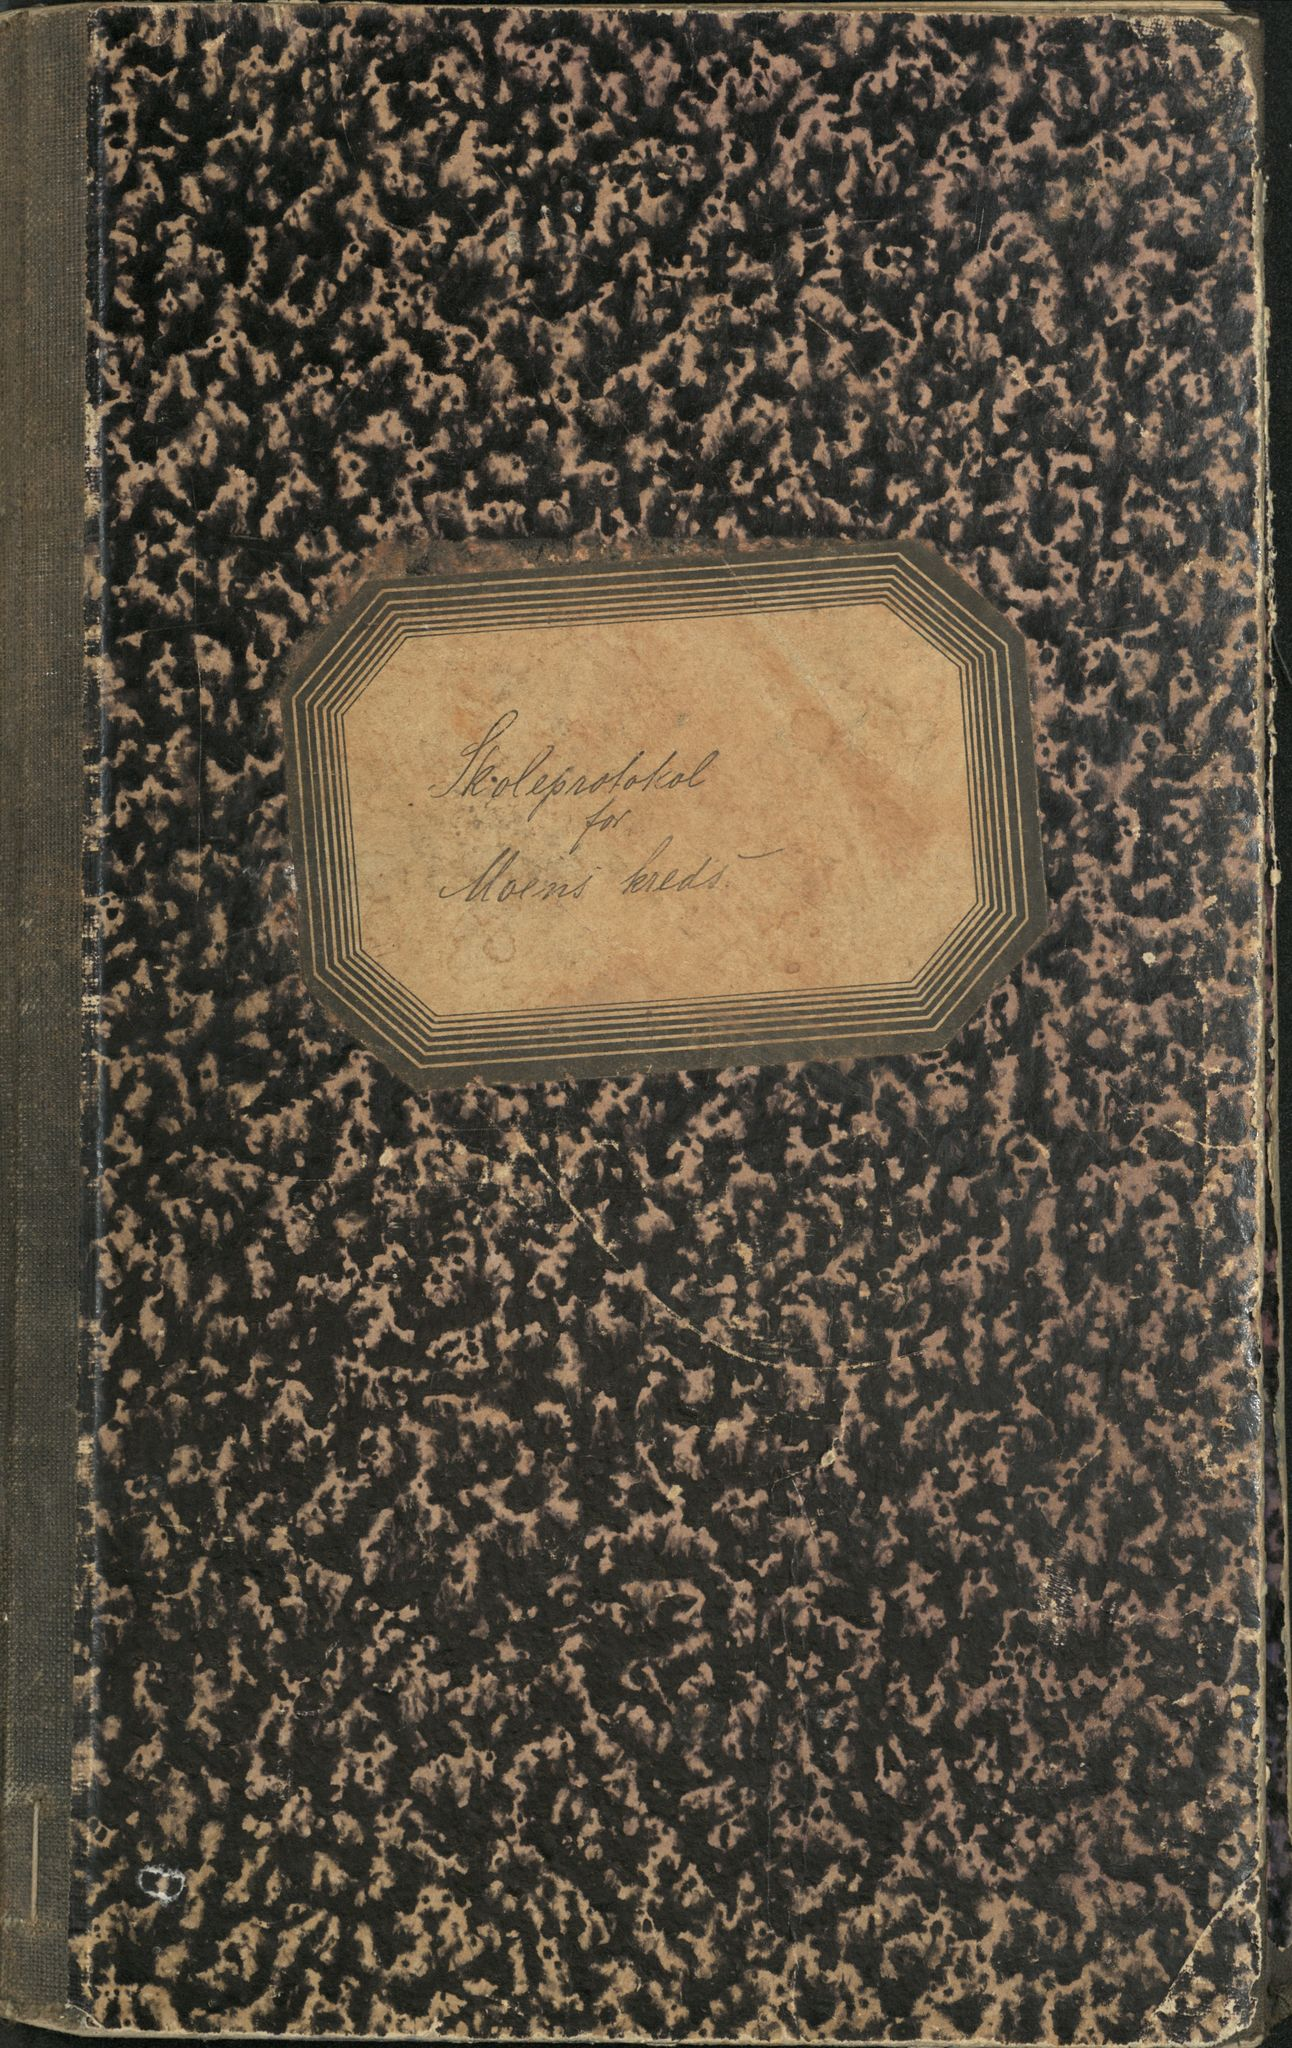 AT, Målselv kommune, -: Skoleprotokoll for Moens krets, 1887-1891